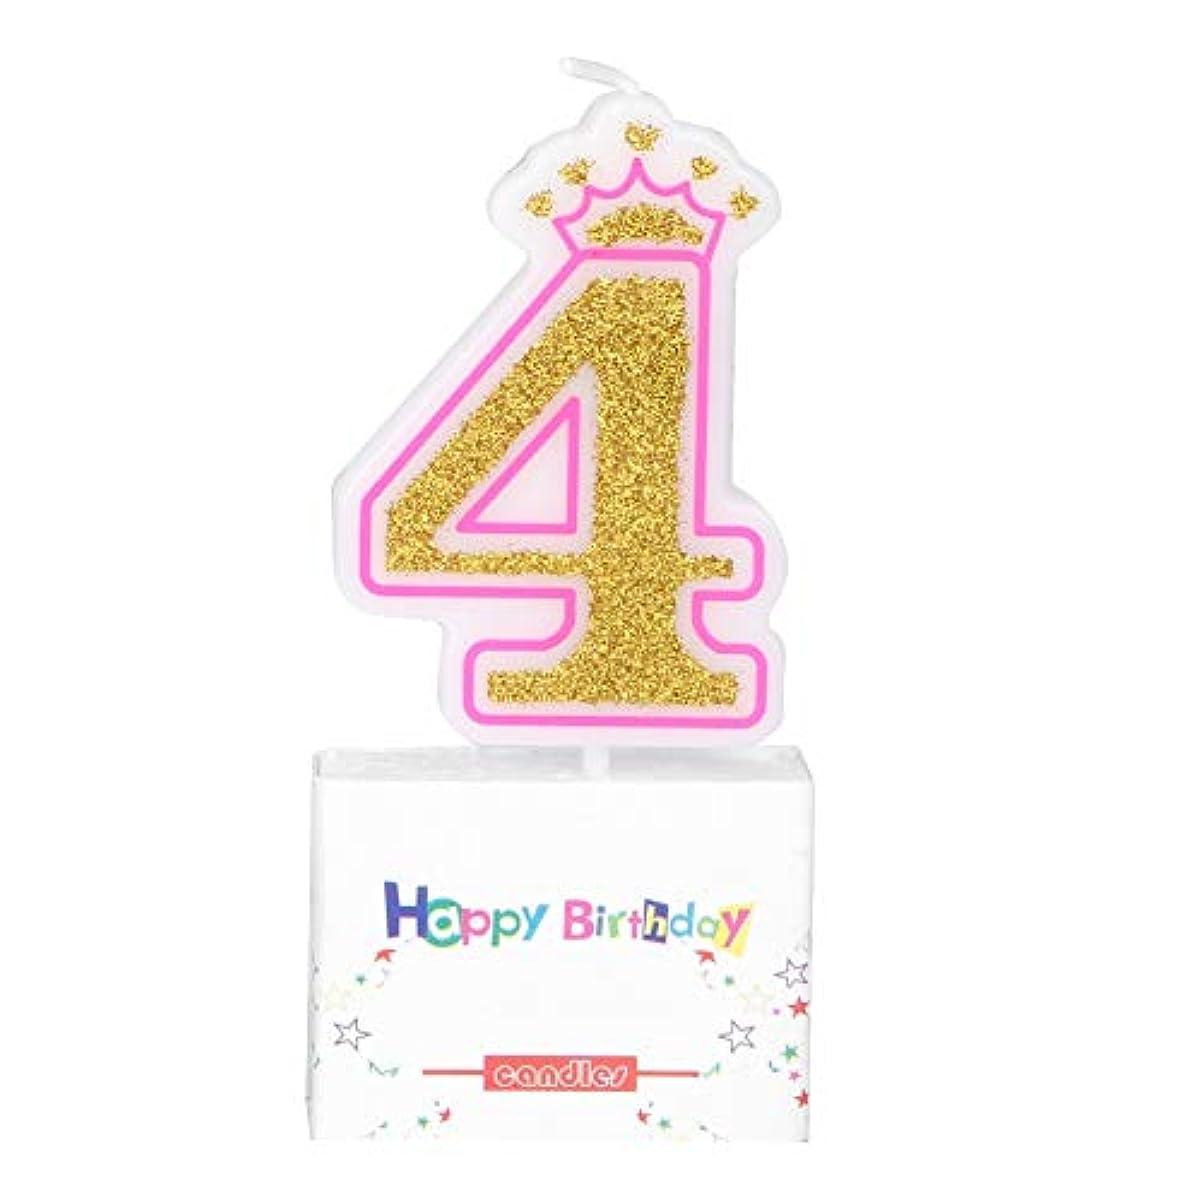 プロット従来の戦士お誕生日キャンドル Vobar キャンドル バースデイ 記念日 イベント用 0~8 (サイズ : 四歳)